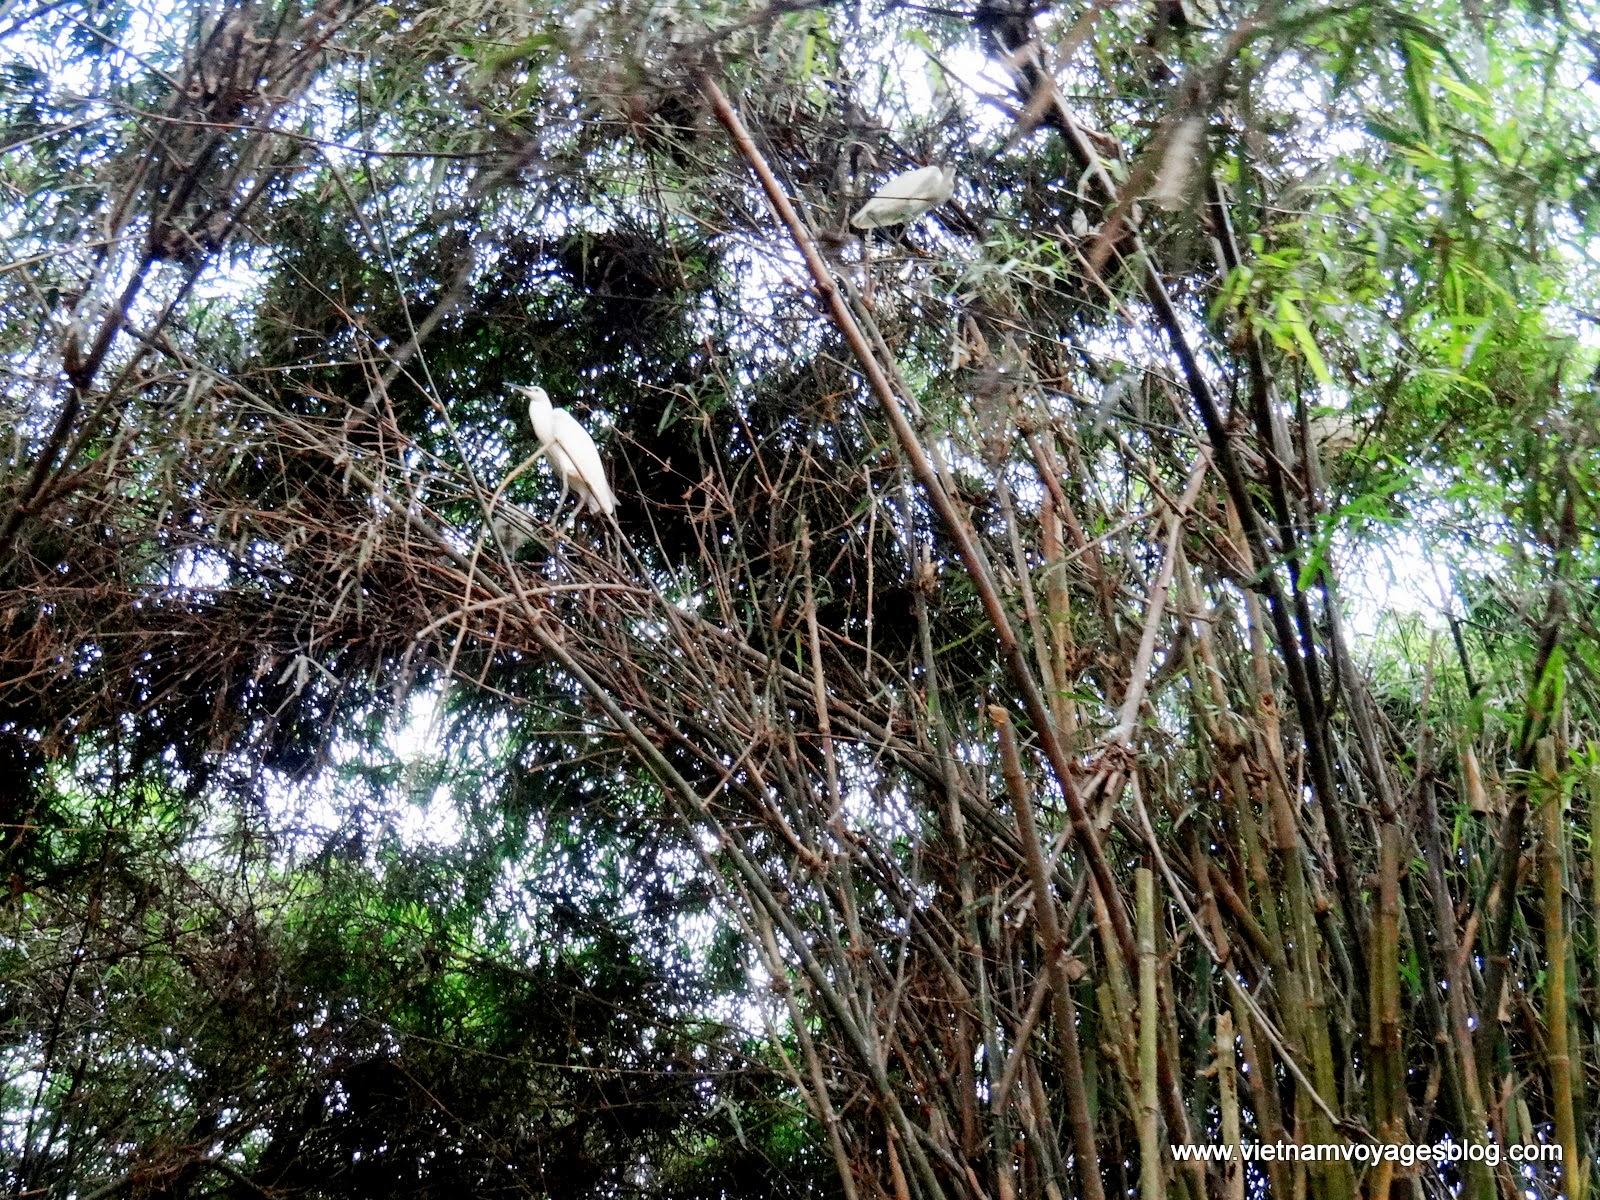 Tham quan Vườn cò Bằng Lăng ở Cần Thơ